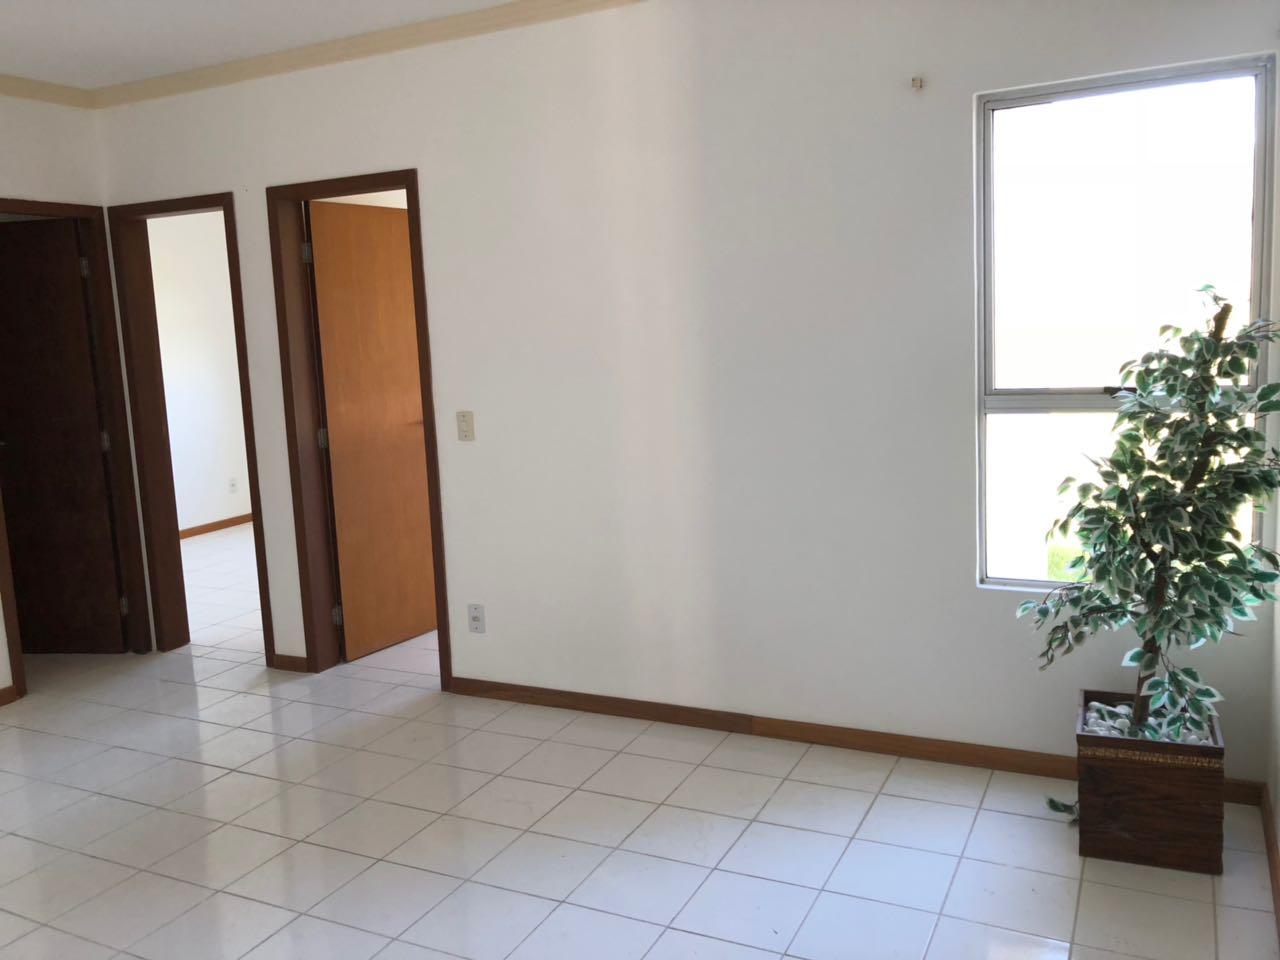 Apto com sala e cozinha integrada!-104852